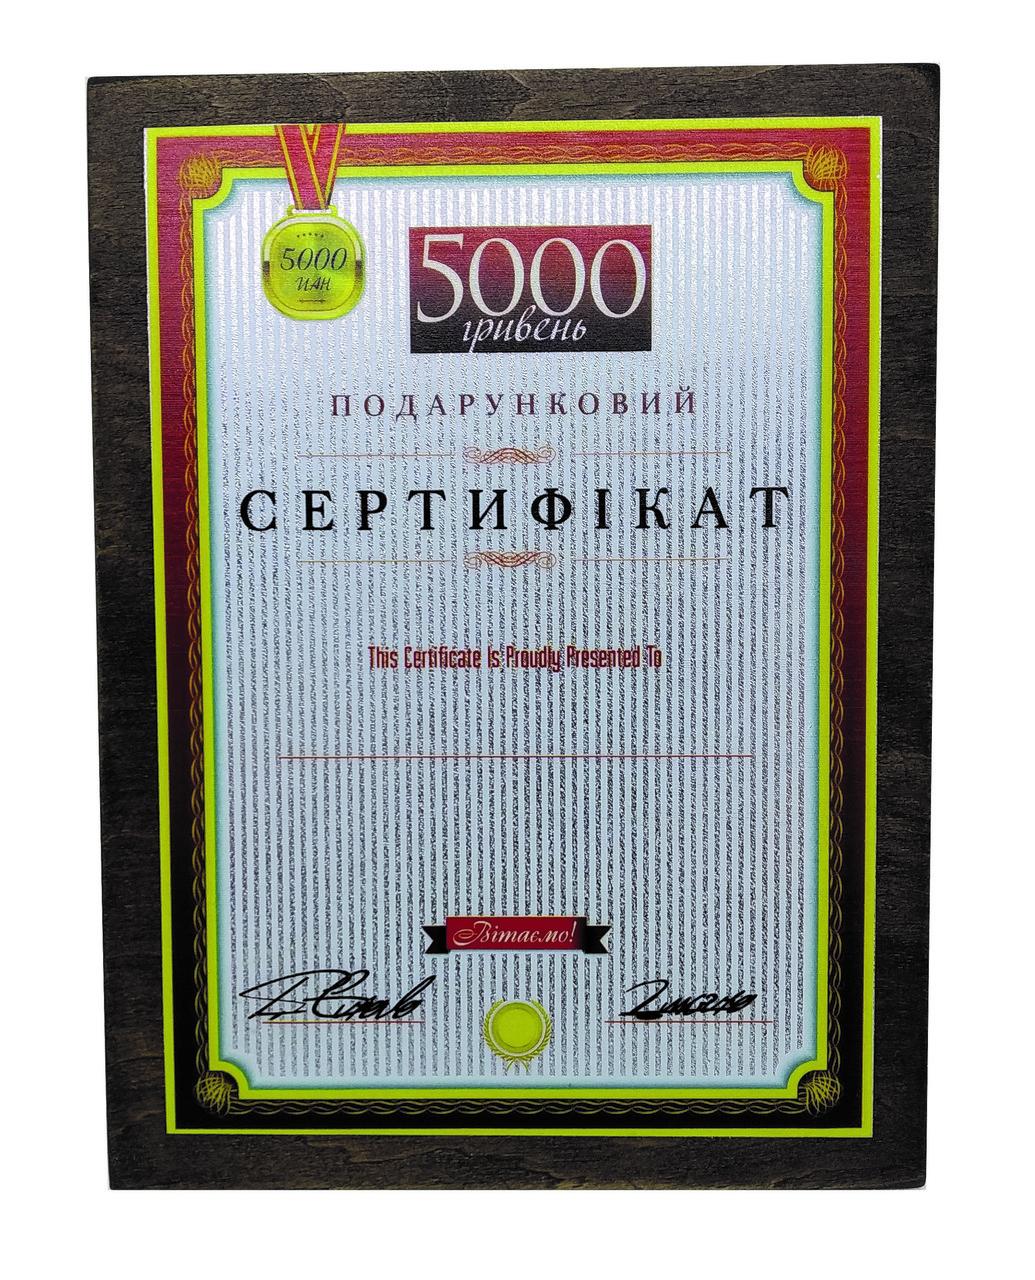 Сертификат денежный, призовой 20*15см на дереве.